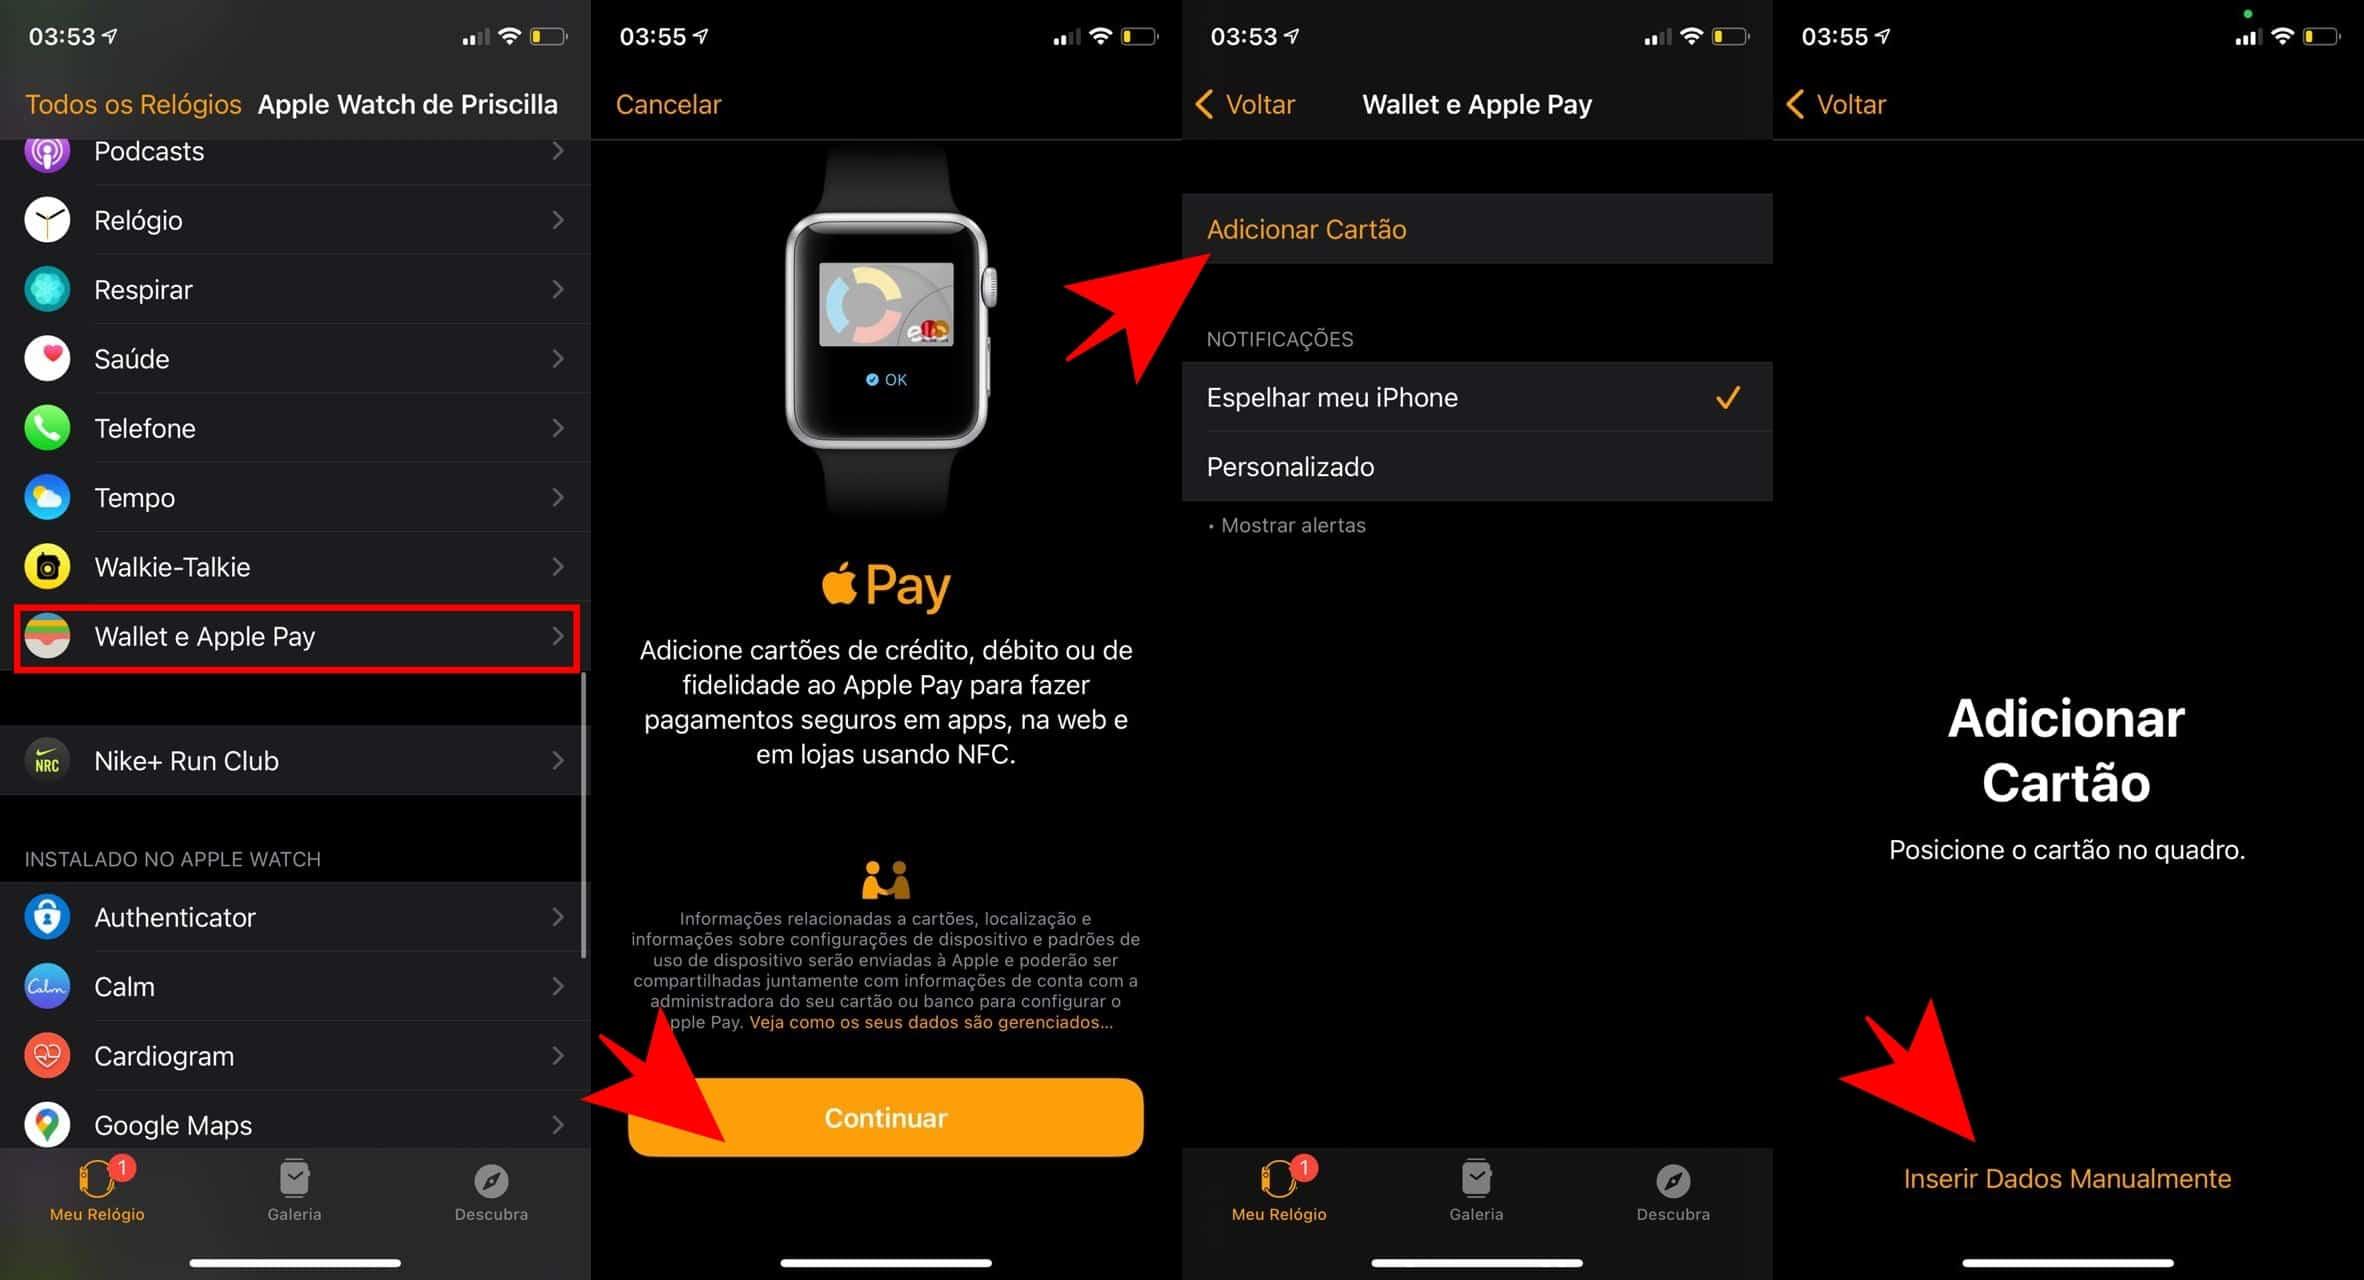 Como configurar o Apple Pay em um Apple Watch